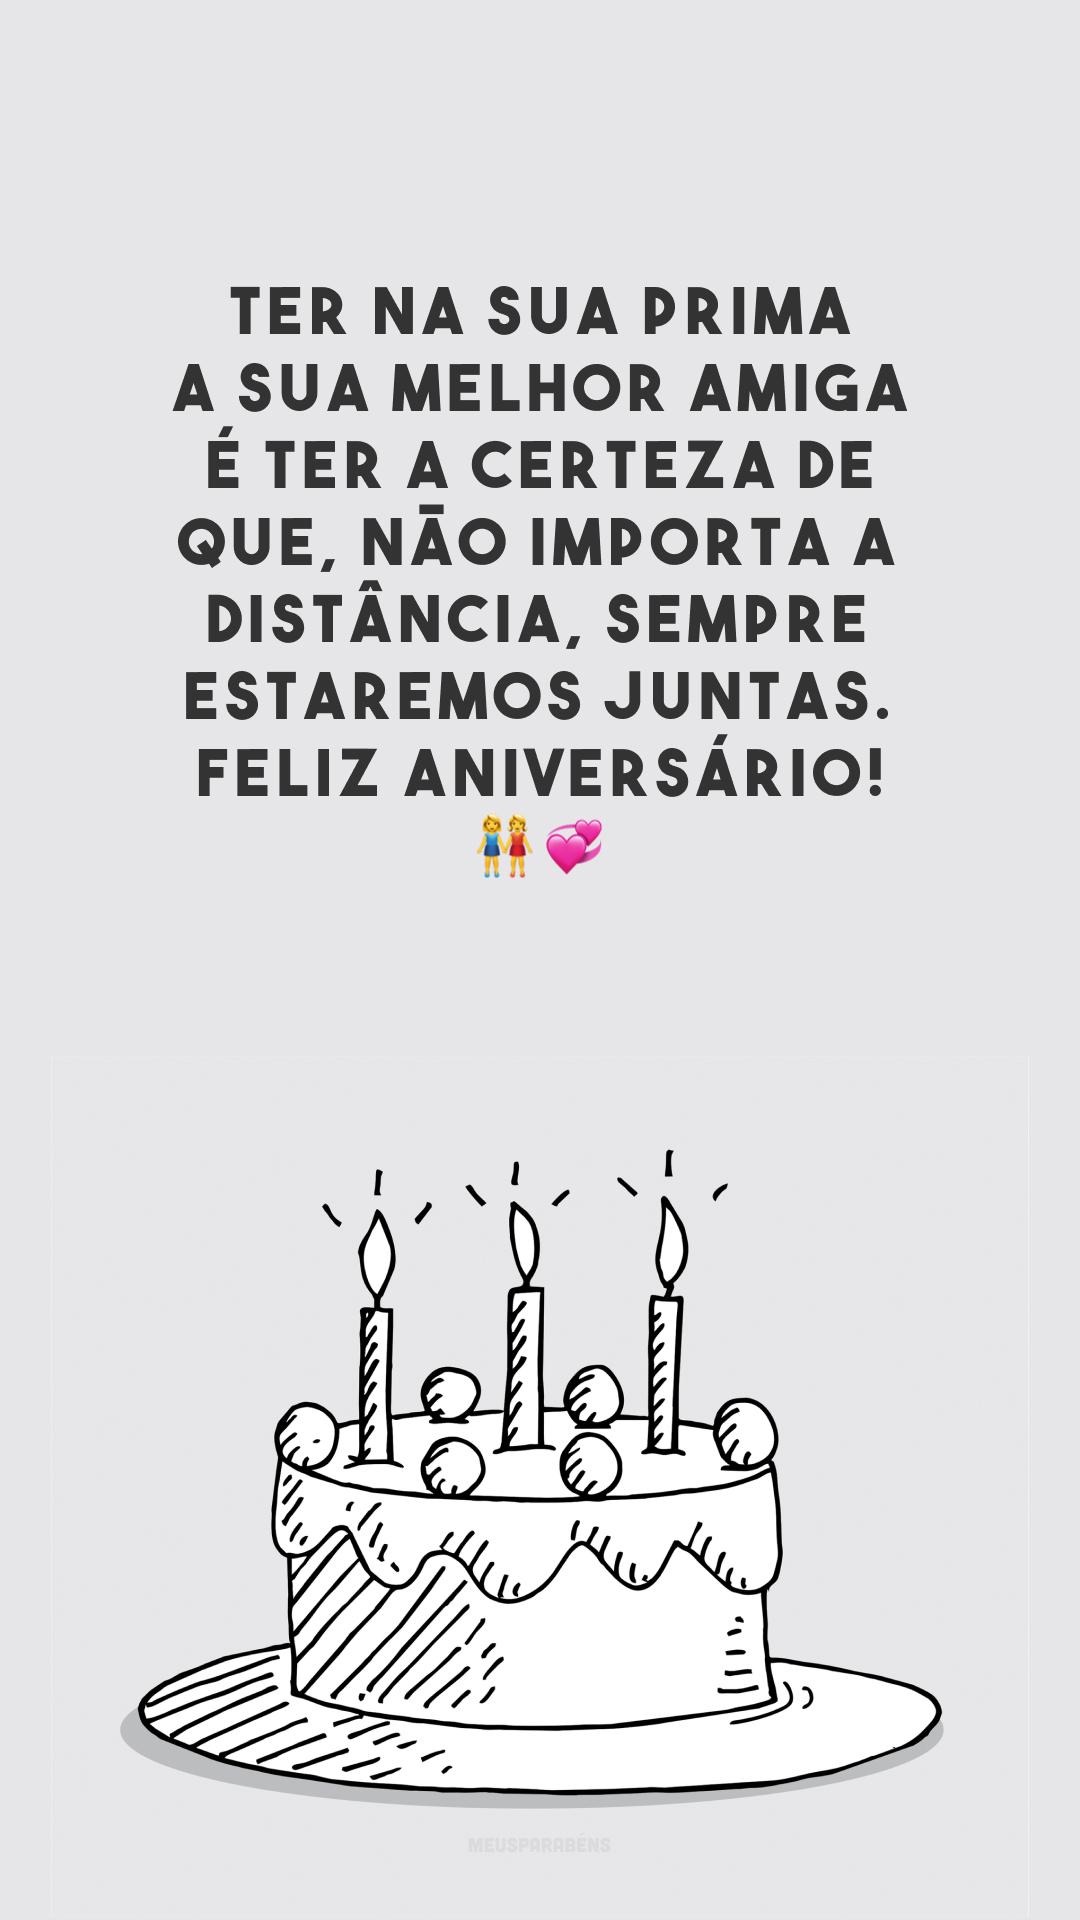 Ter na sua prima a sua melhor amiga é ter a certeza de que, não importa a distância, sempre estaremos juntas. Feliz aniversário! 👭💞